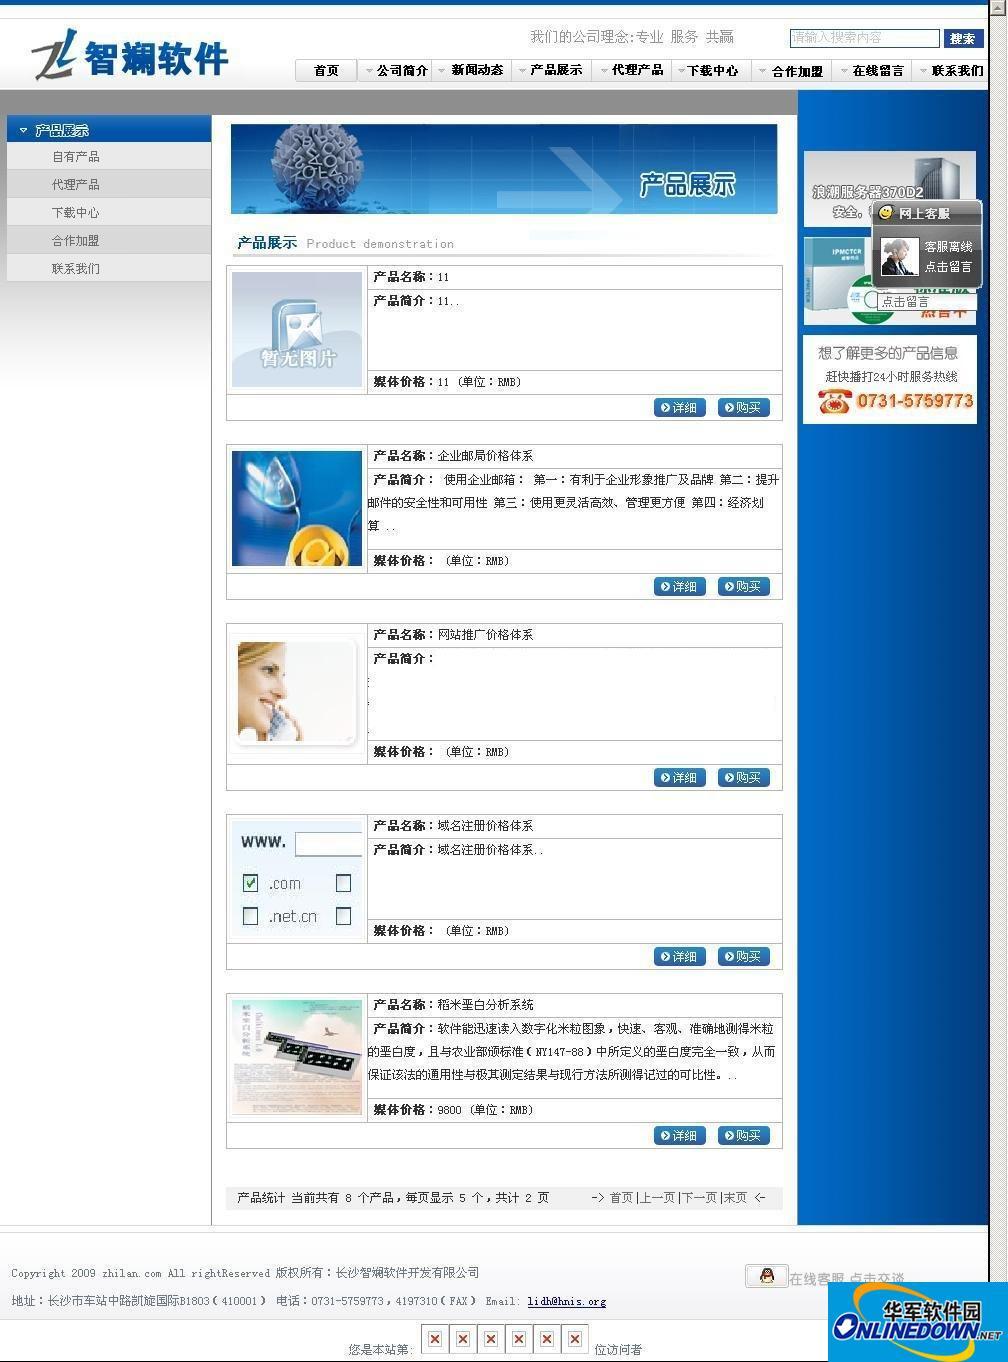 918软件公司展示系统  1.3